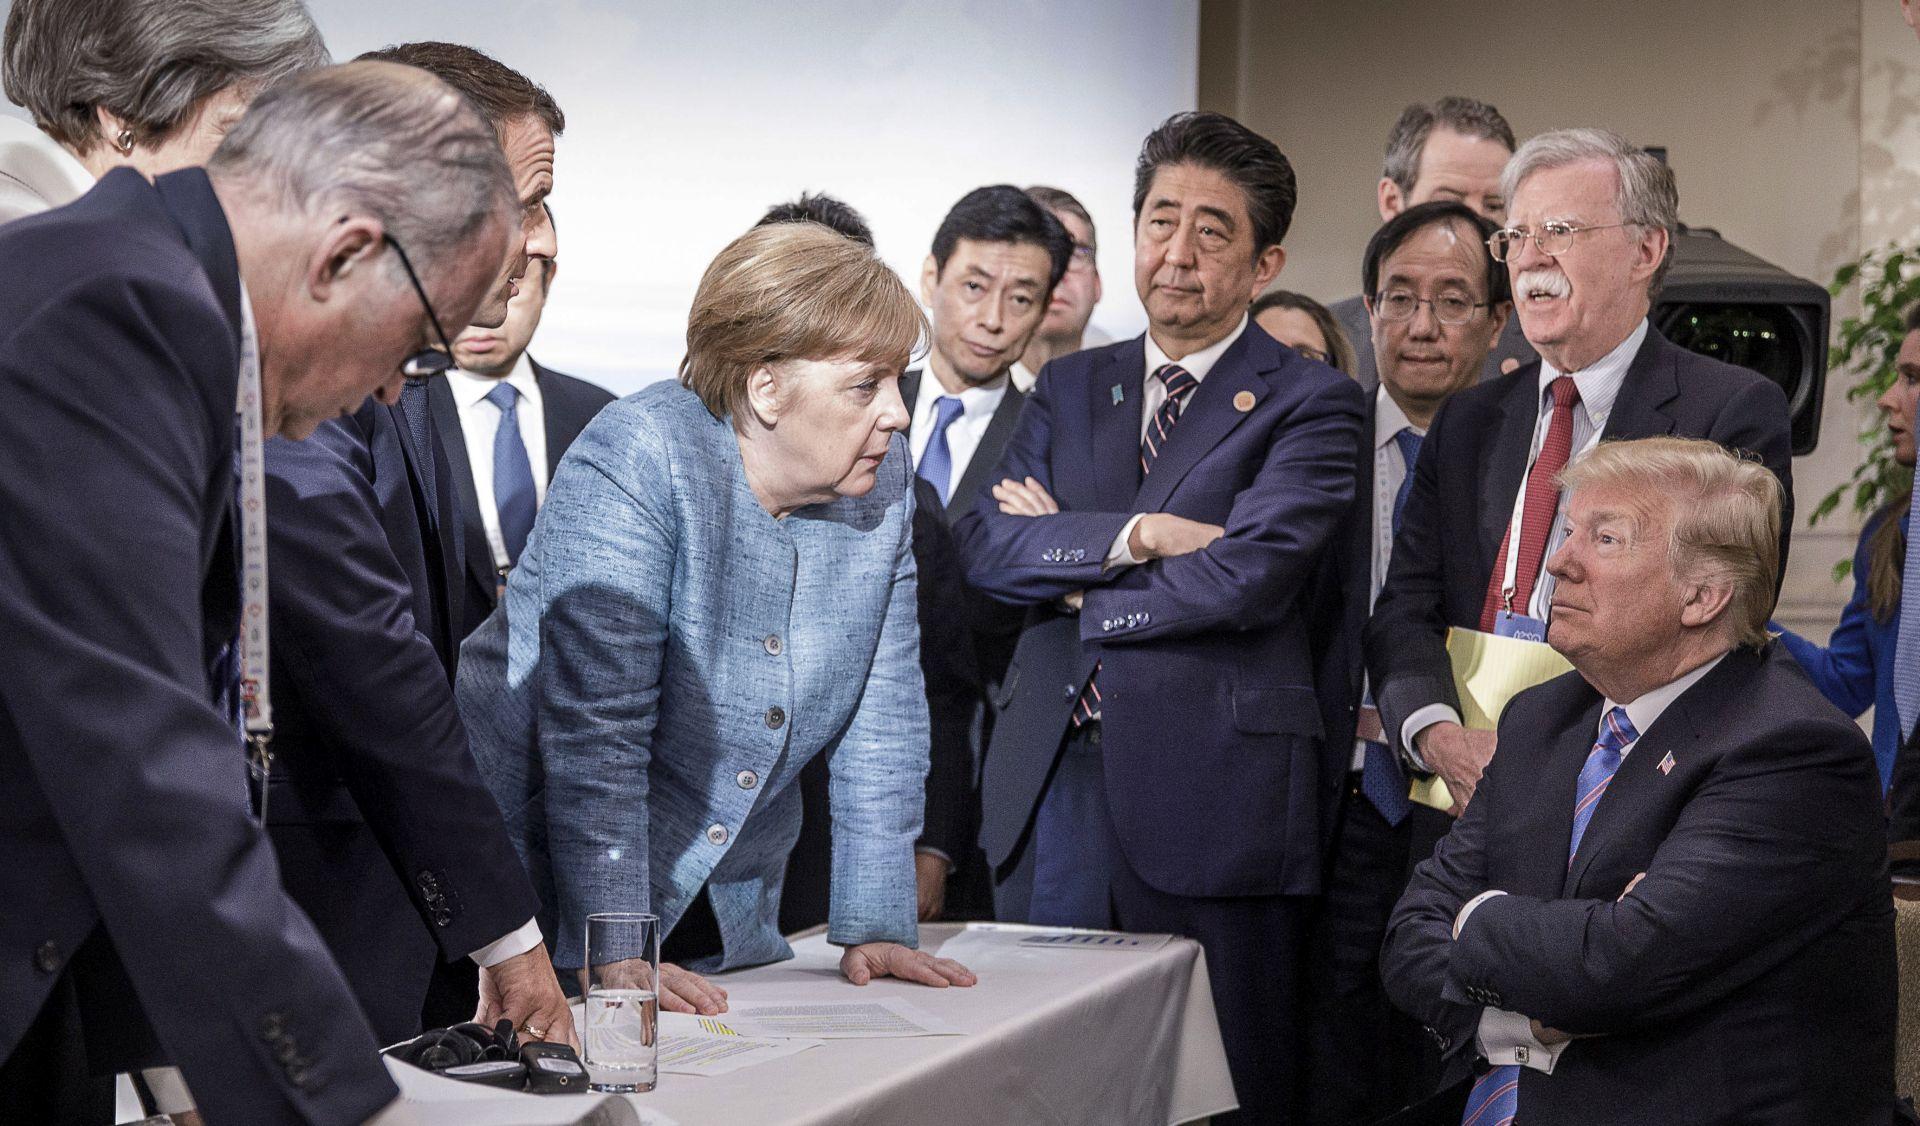 'Razilaženje na summitu G7 zbližilo EU'